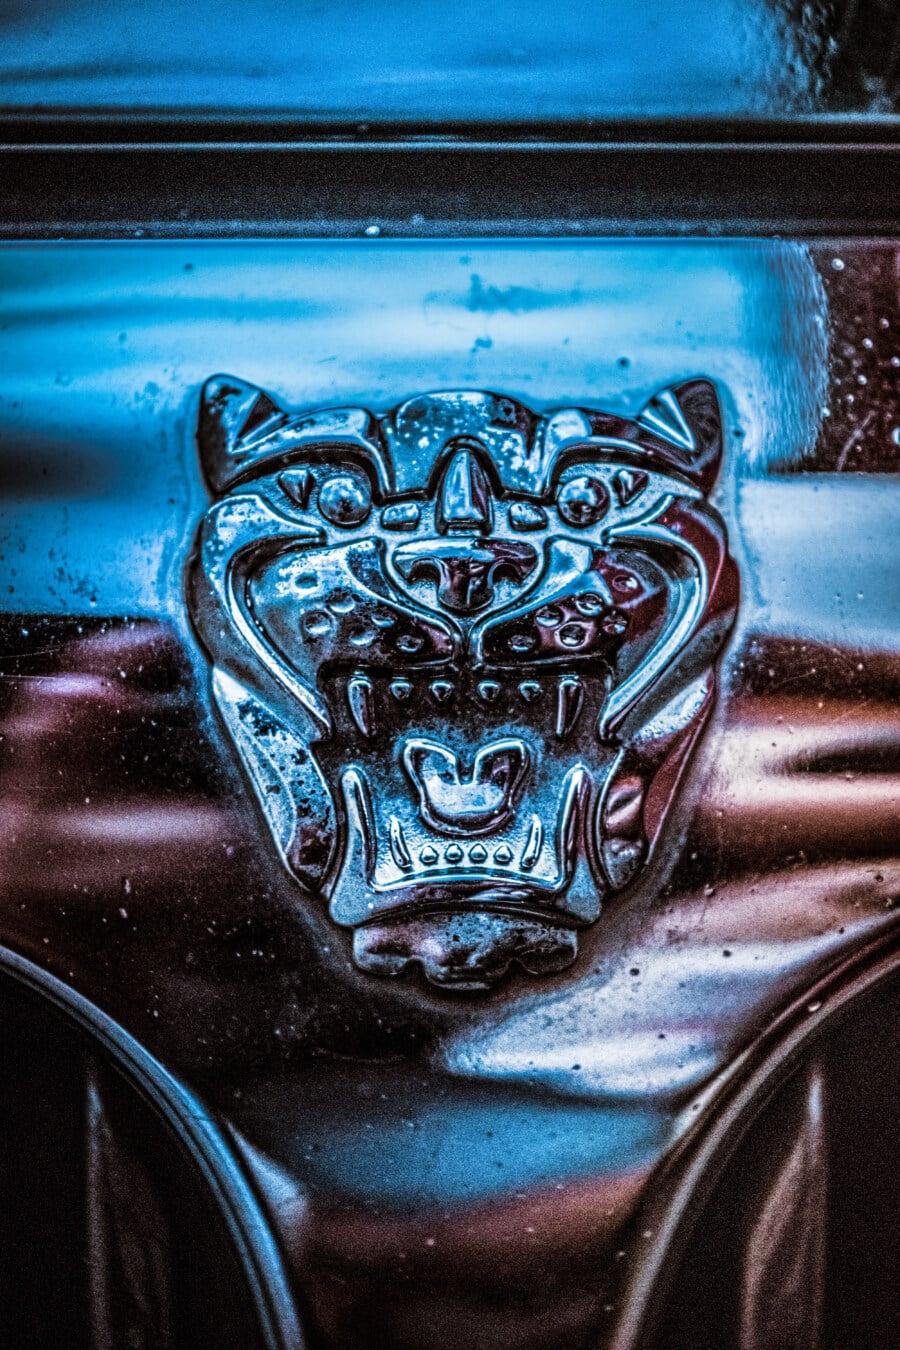 Jaguar, Chrom, Symbol, Zeichen, automotive, Detail, Auto, metallische, Limousine, Reflexion